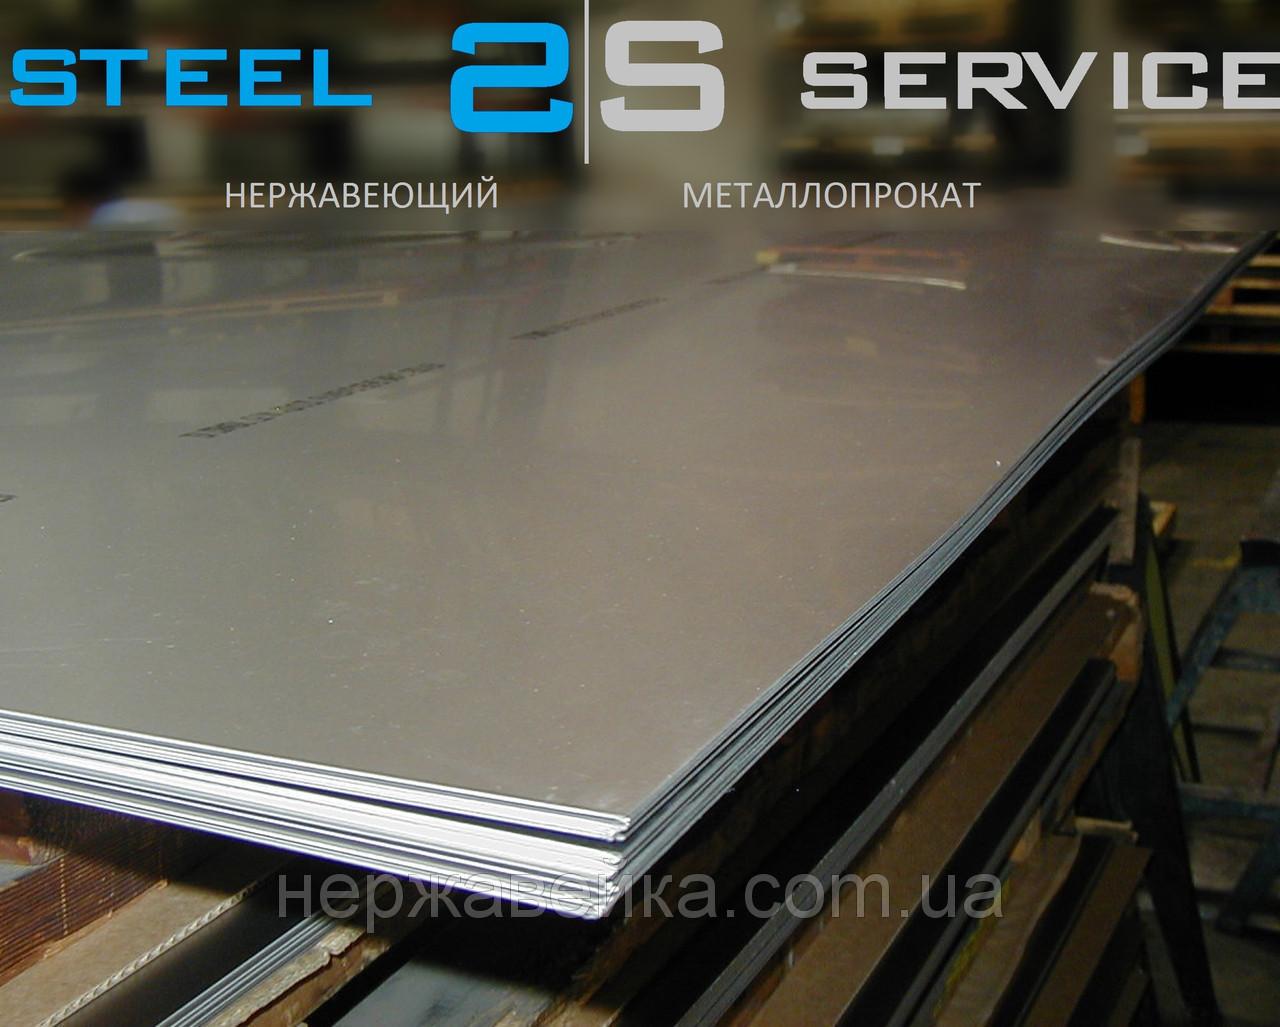 Нержавейка лист 2х1250х2500мм  AISI 321(08Х18Н10Т) 4N - шлифованный,  пищевой